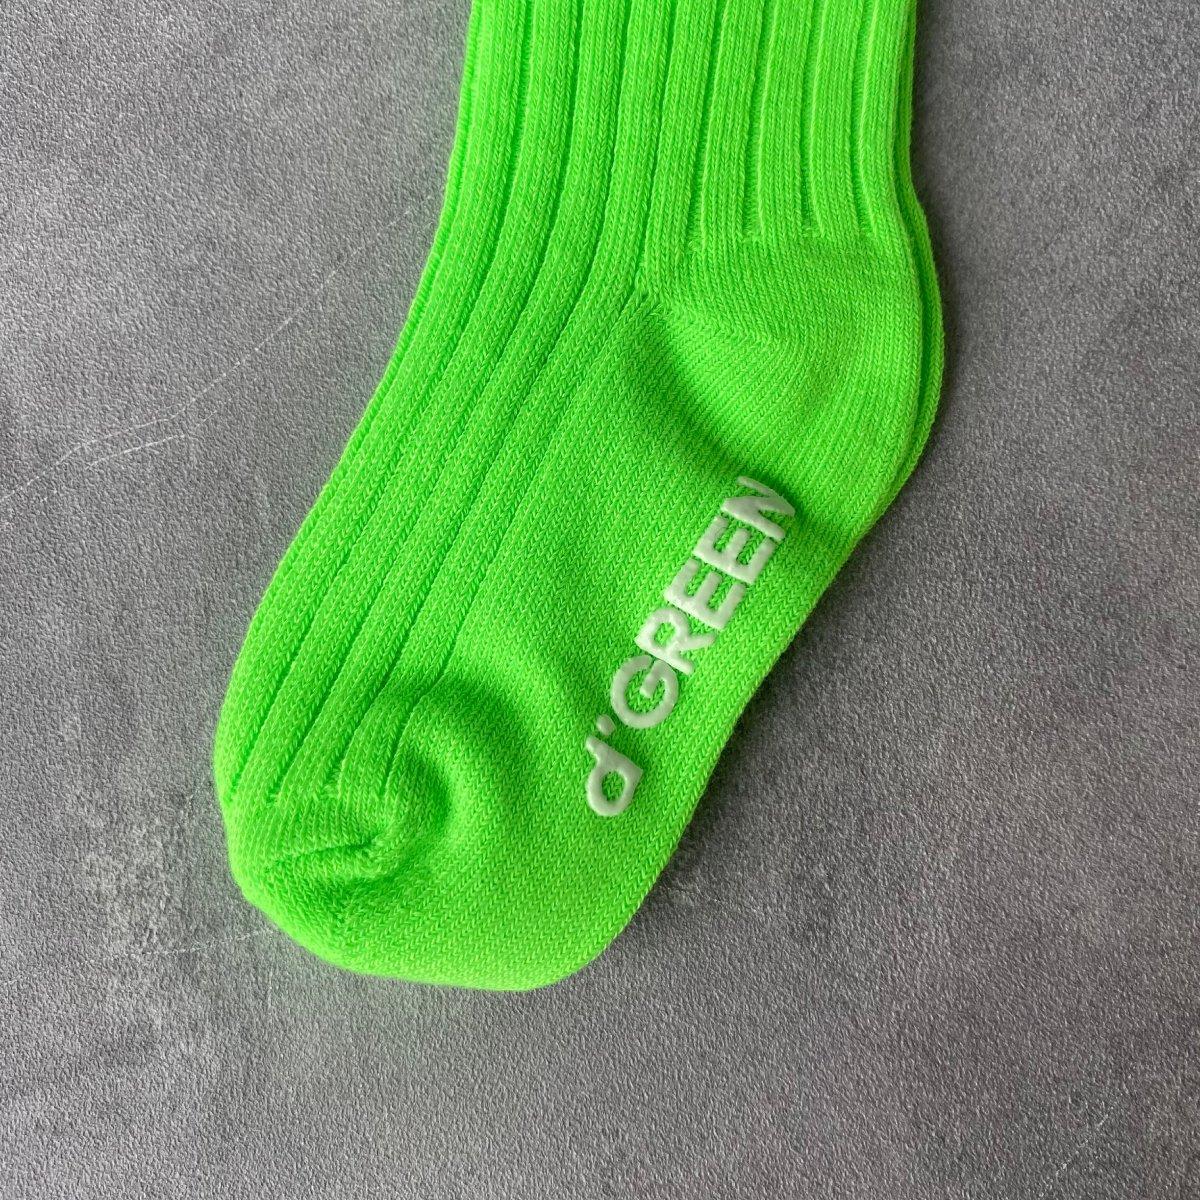 【KIDS】Neon Socks 詳細画像7